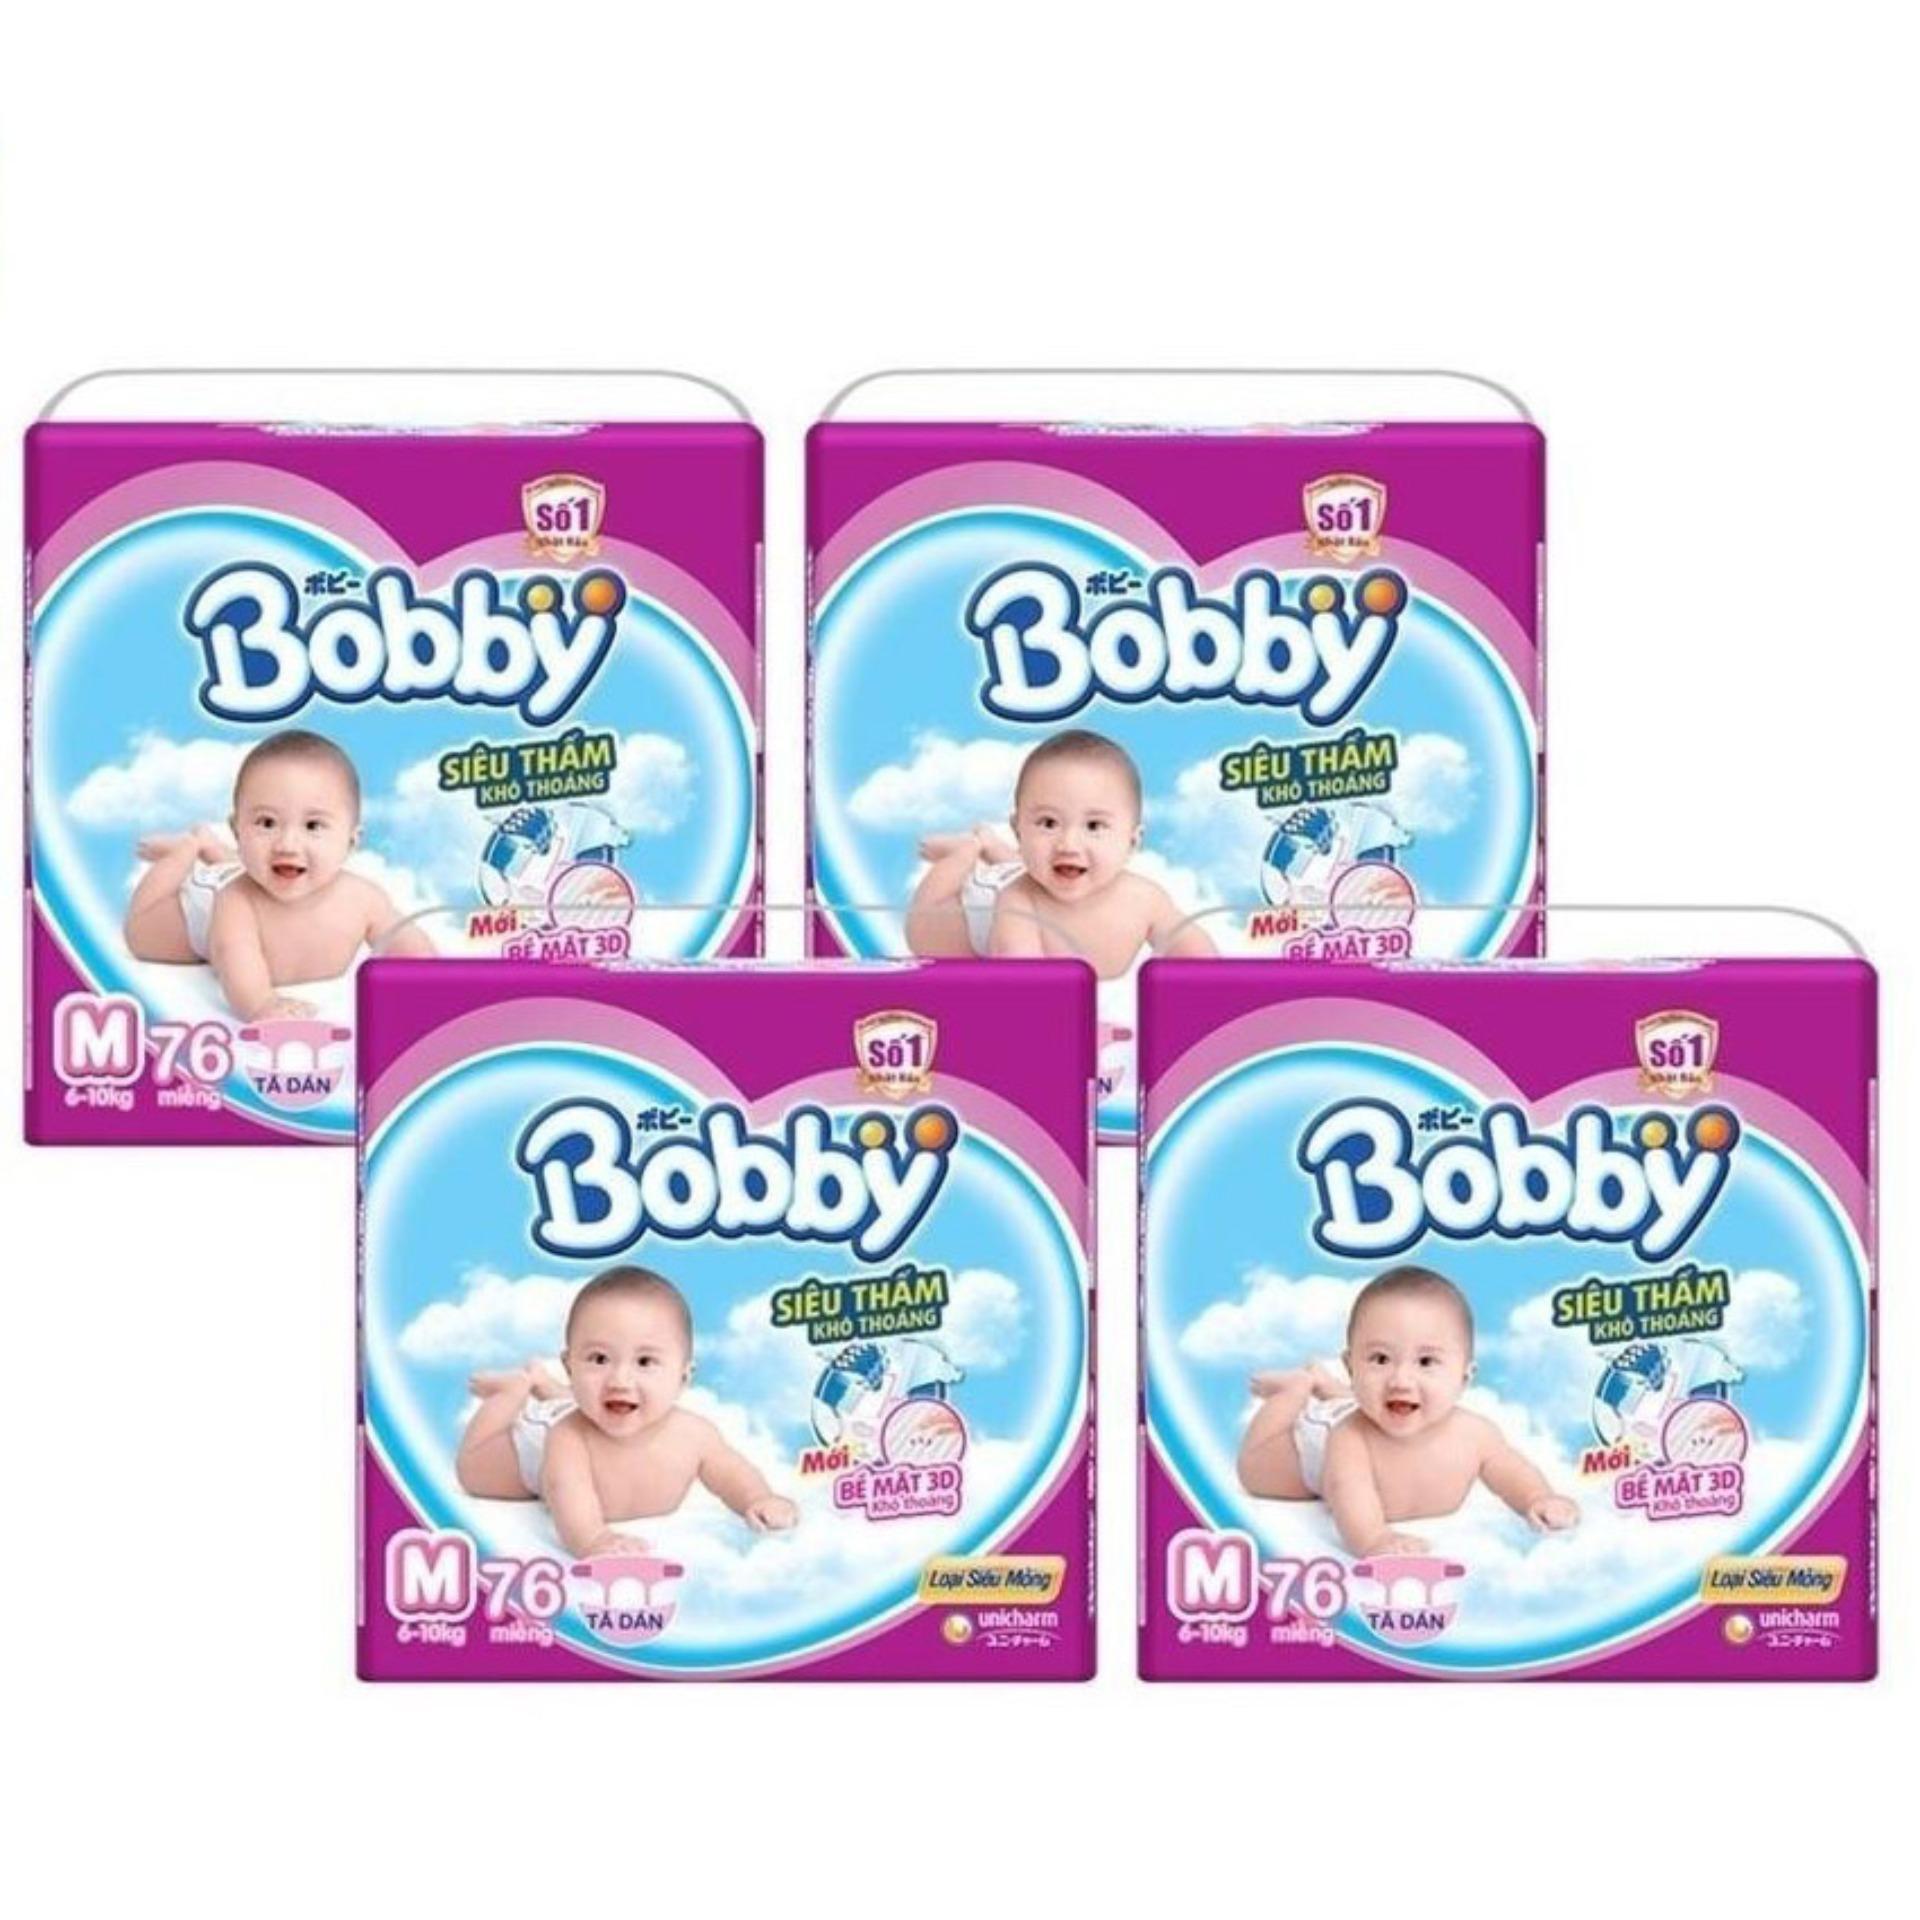 Bộ 4 gói tã giấy Bobby siêu mỏng M76